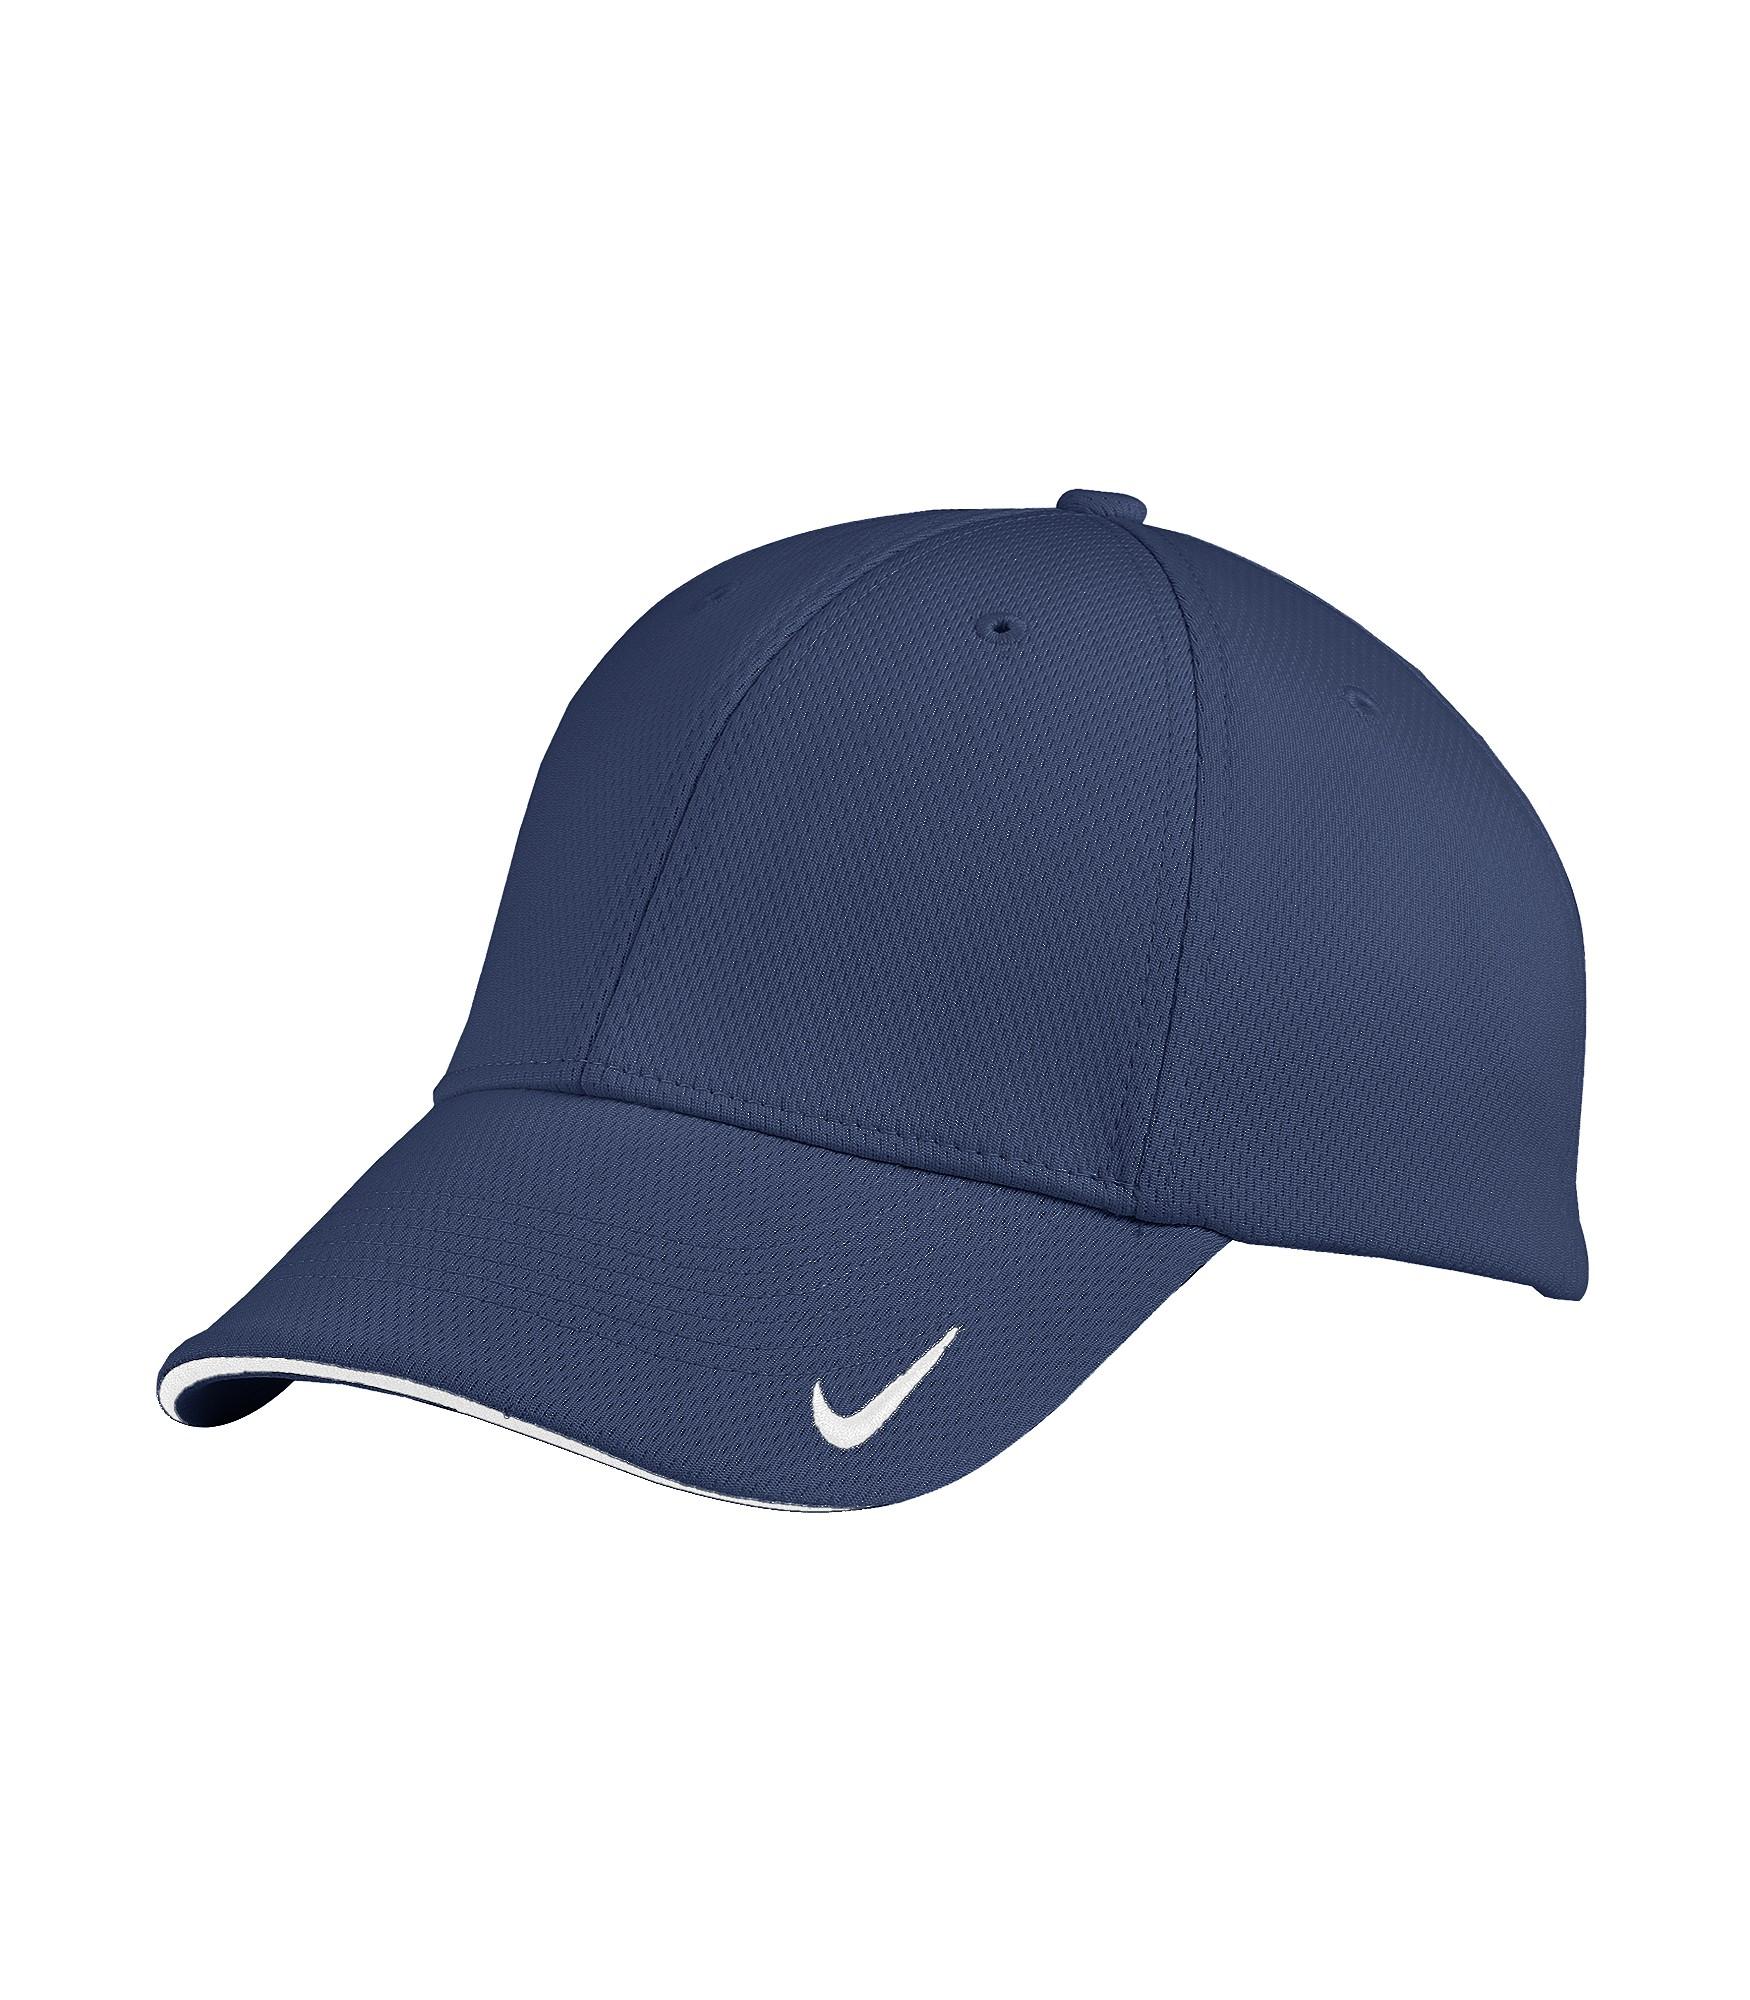 b144898f4 AMP_US | Nike Golf Dri-FIT Mesh Swoosh Flex Sandwich Cap